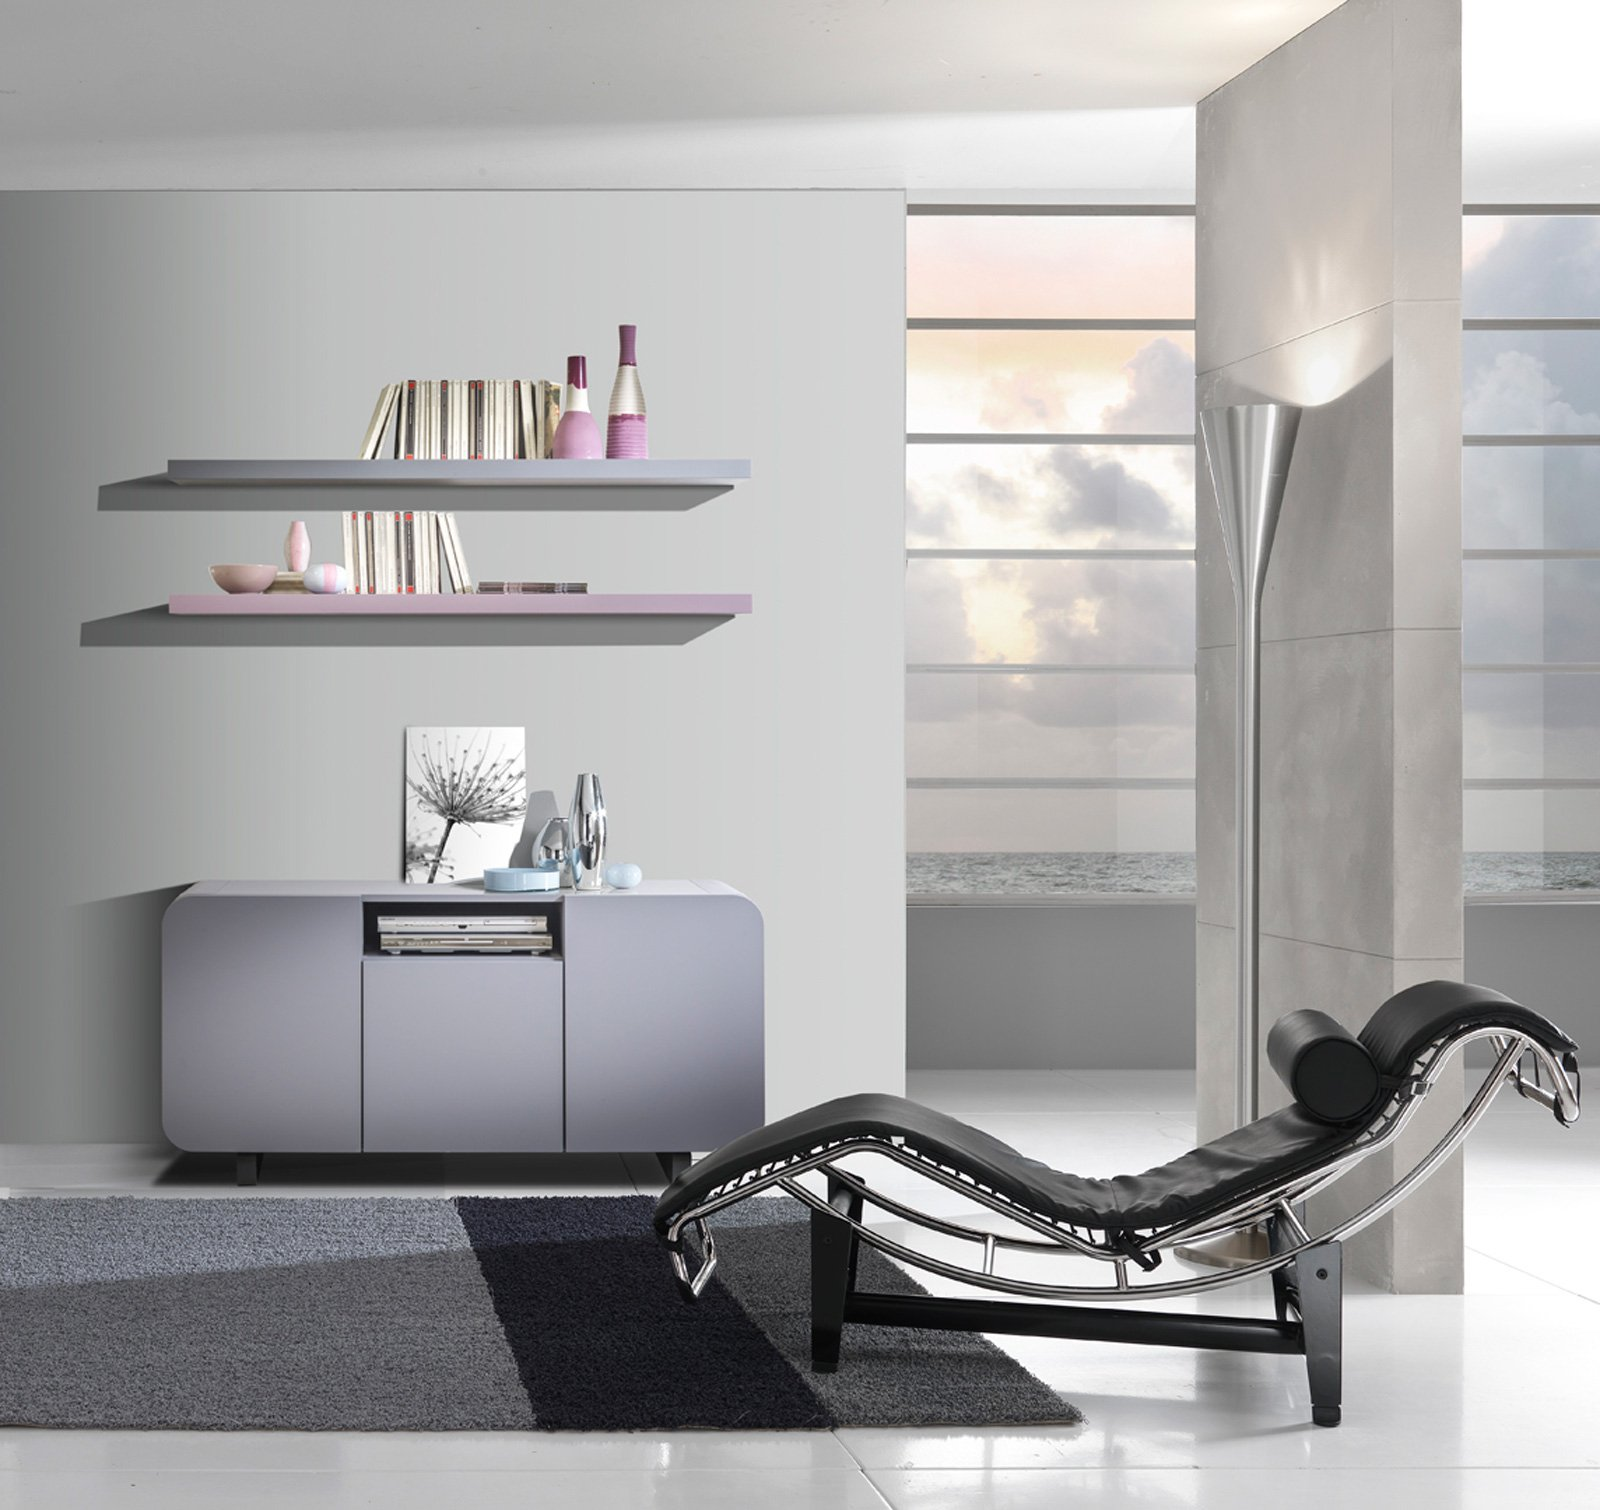 Mobile basso per il soggiorno: la madia contemporanea   cose di casa